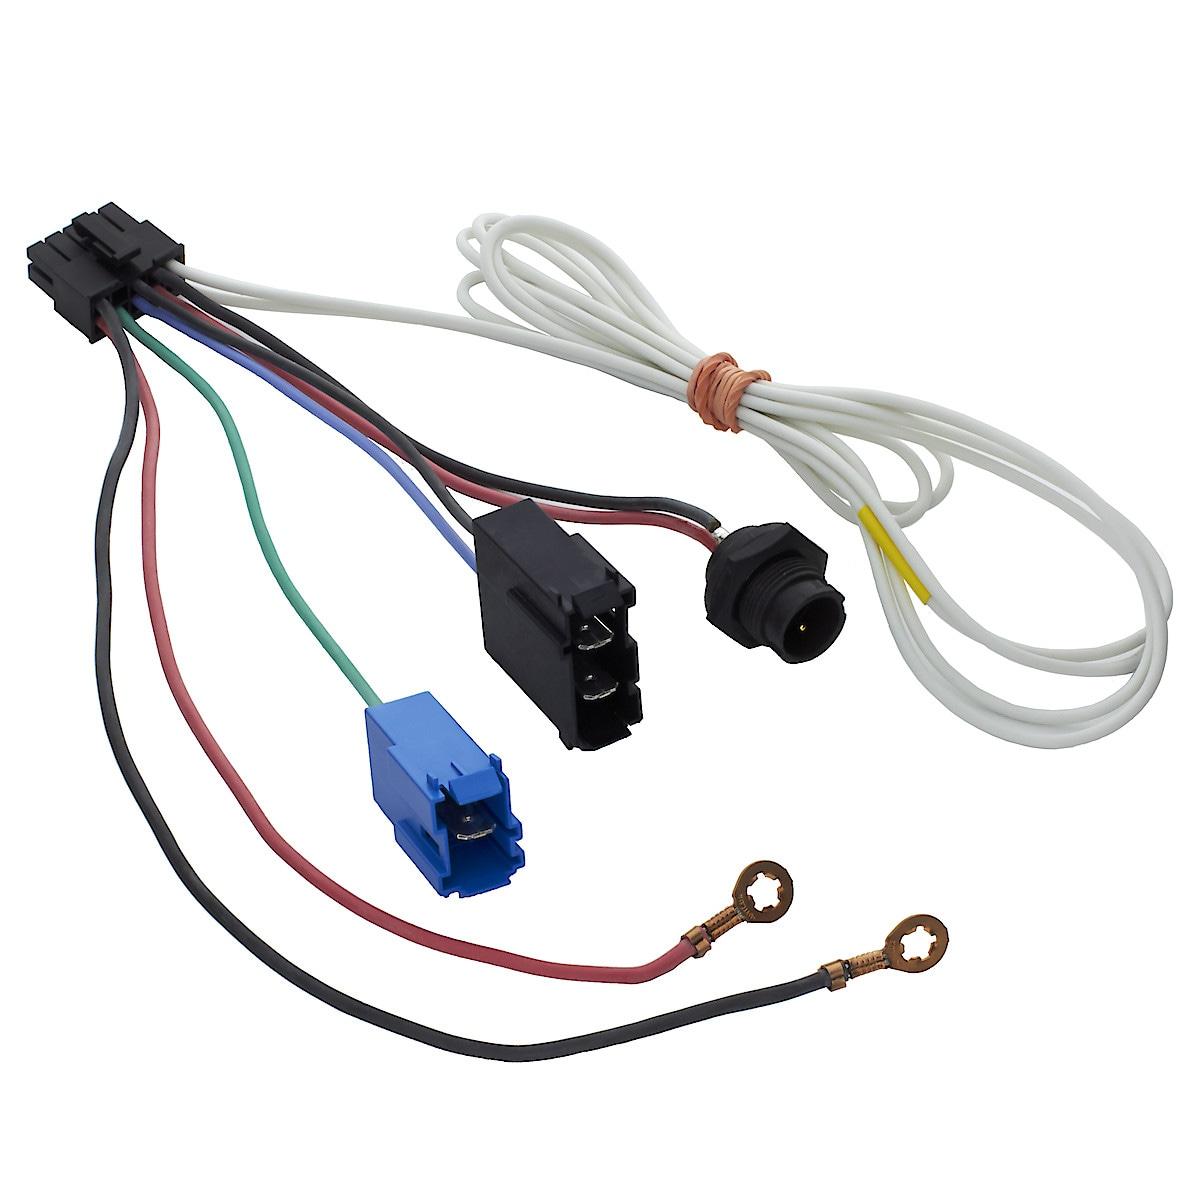 Kabel zur Ladestation Gardena R40Li (2013-06)